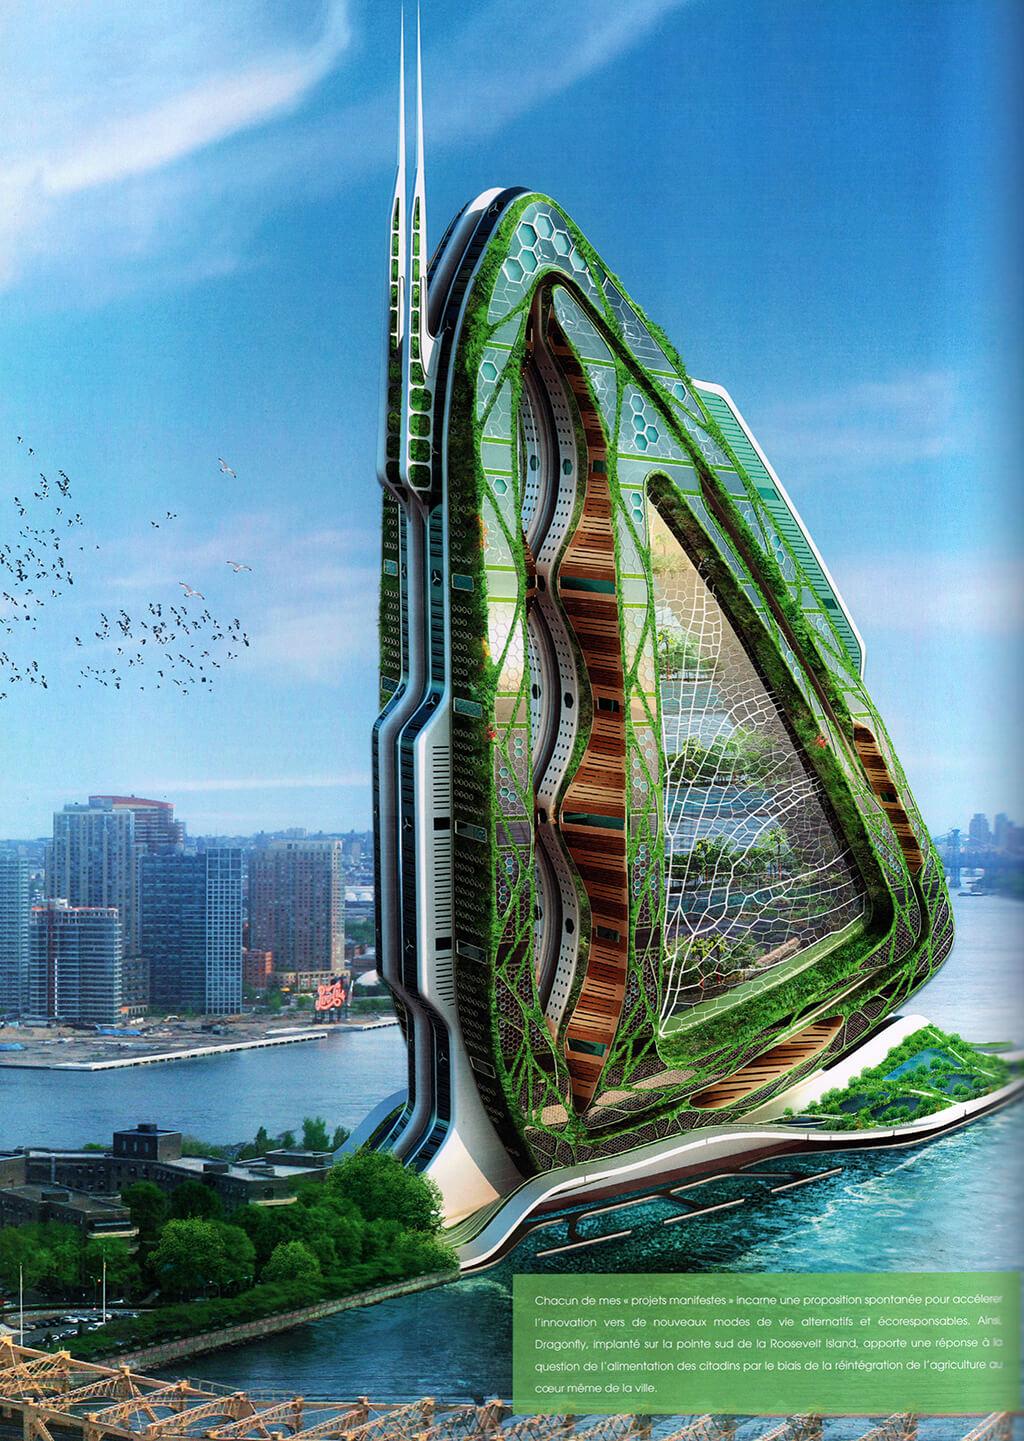 Dragonfly – New York, États-Unis d'Amérique – Des fermes verticales pour nourrir les villes – © Éditions Michel Lafon, 2015 – © Vincent Callebaut Architectures